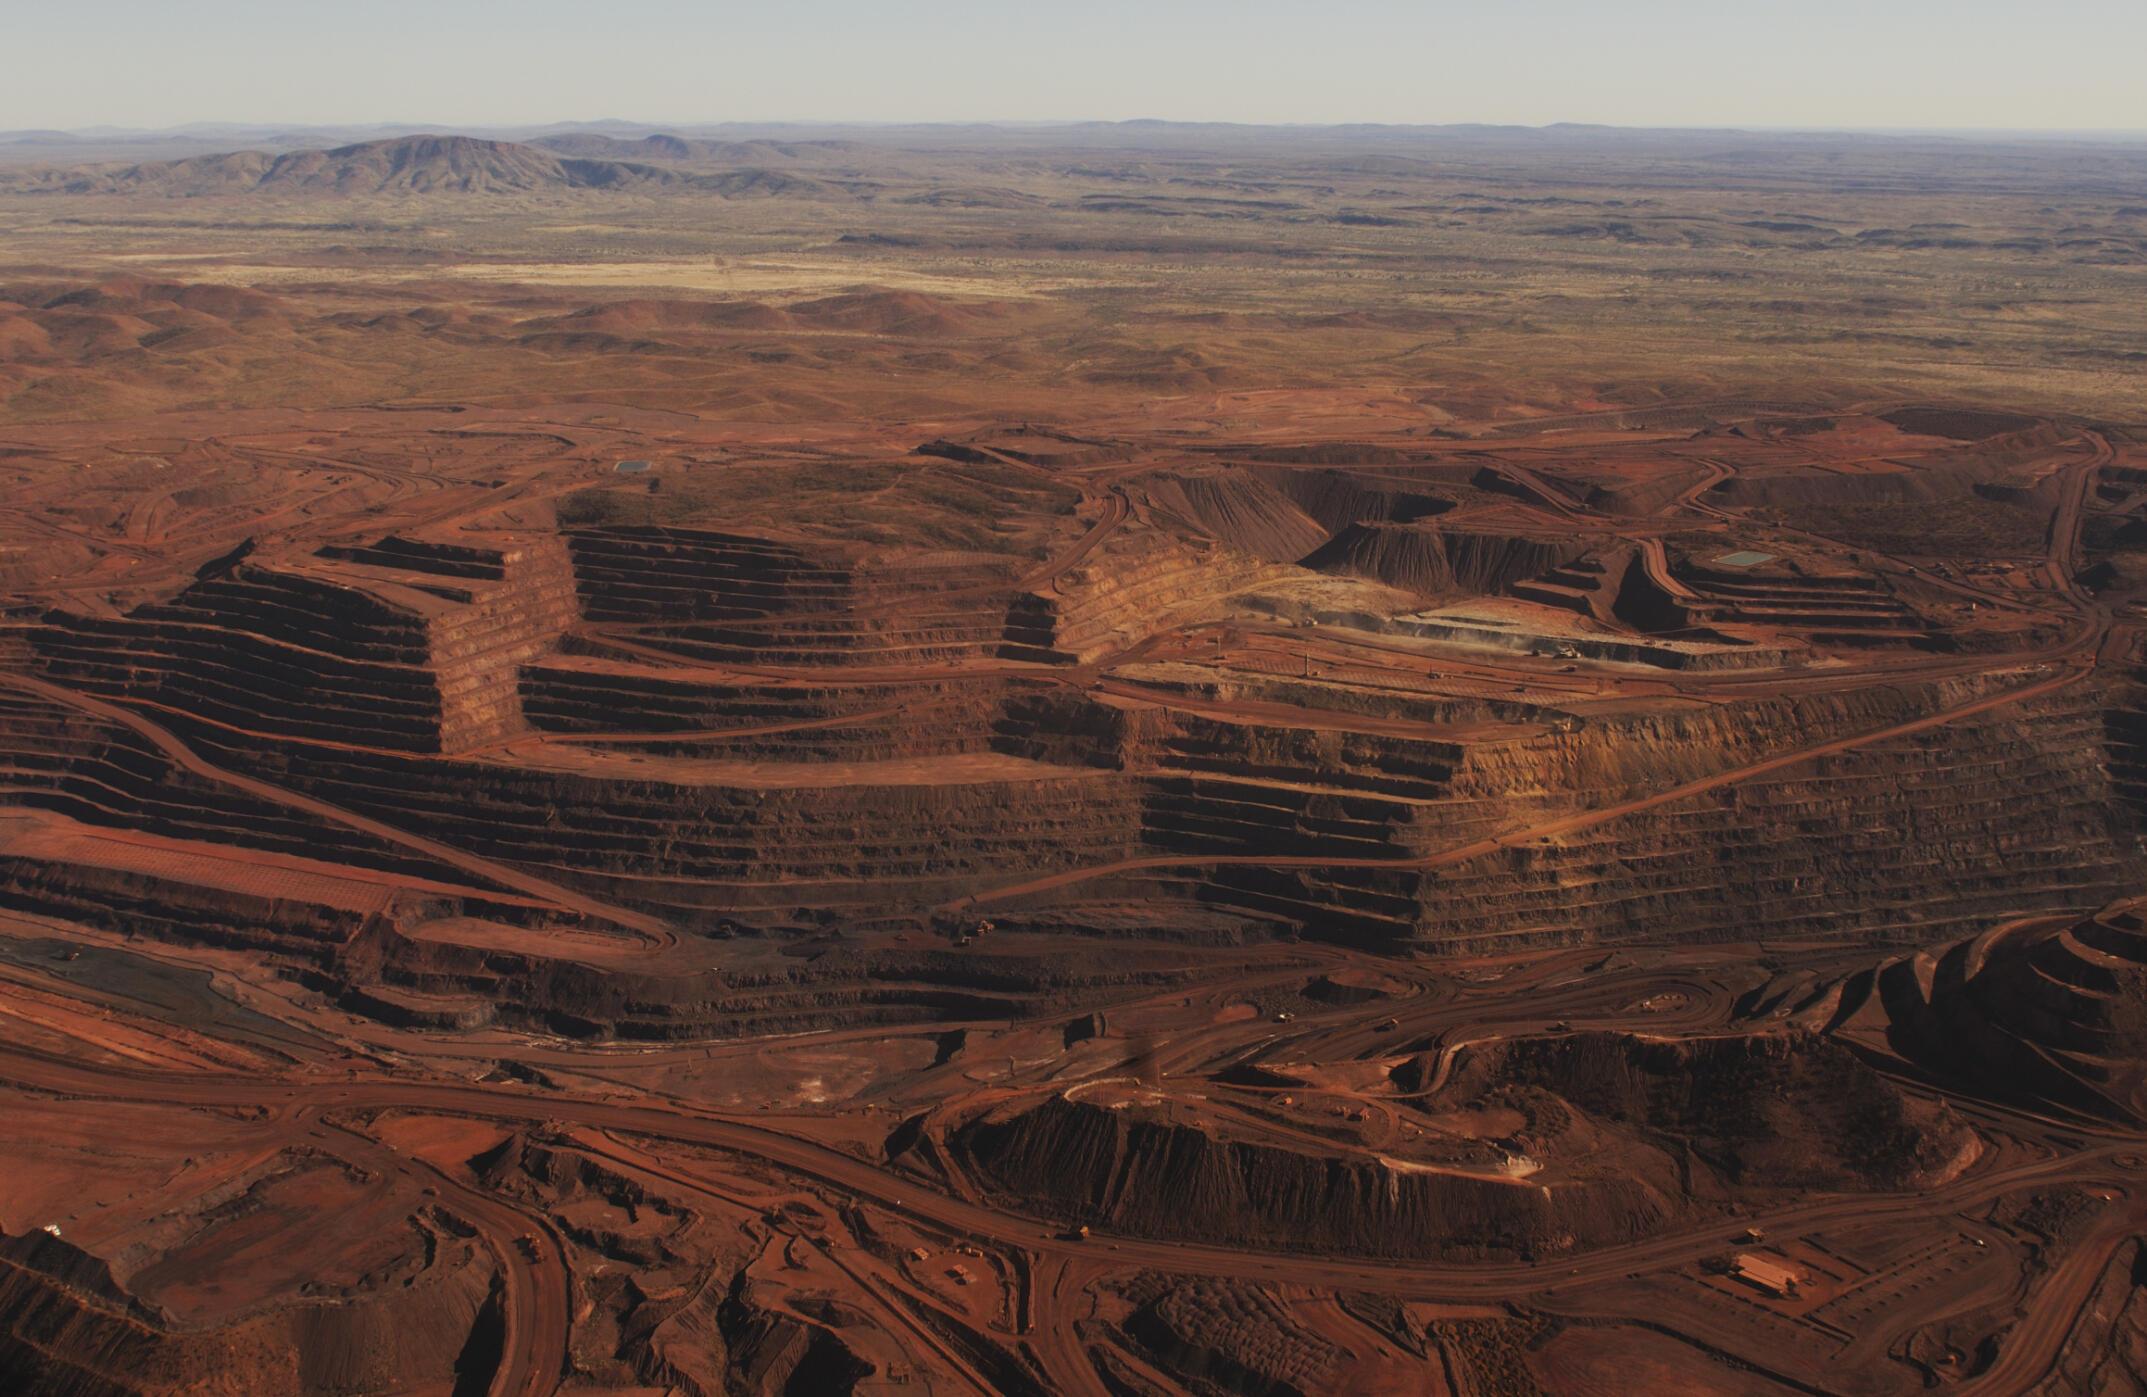 Le site du mont Whaleback, en Australie, est l'une des plus grande mines de fer au monde.